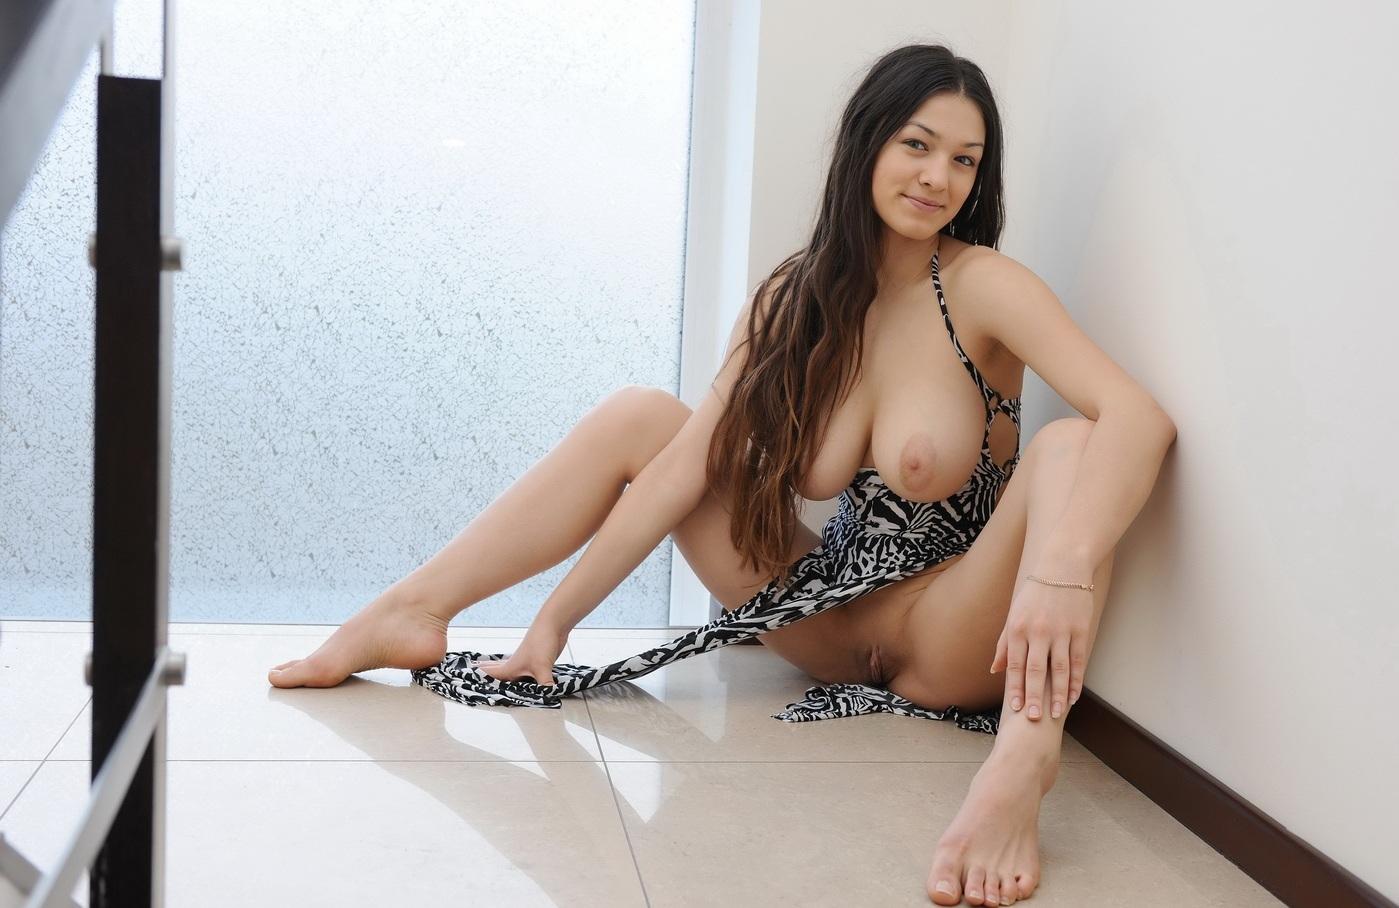 Красивая девушка сексуально раздевается